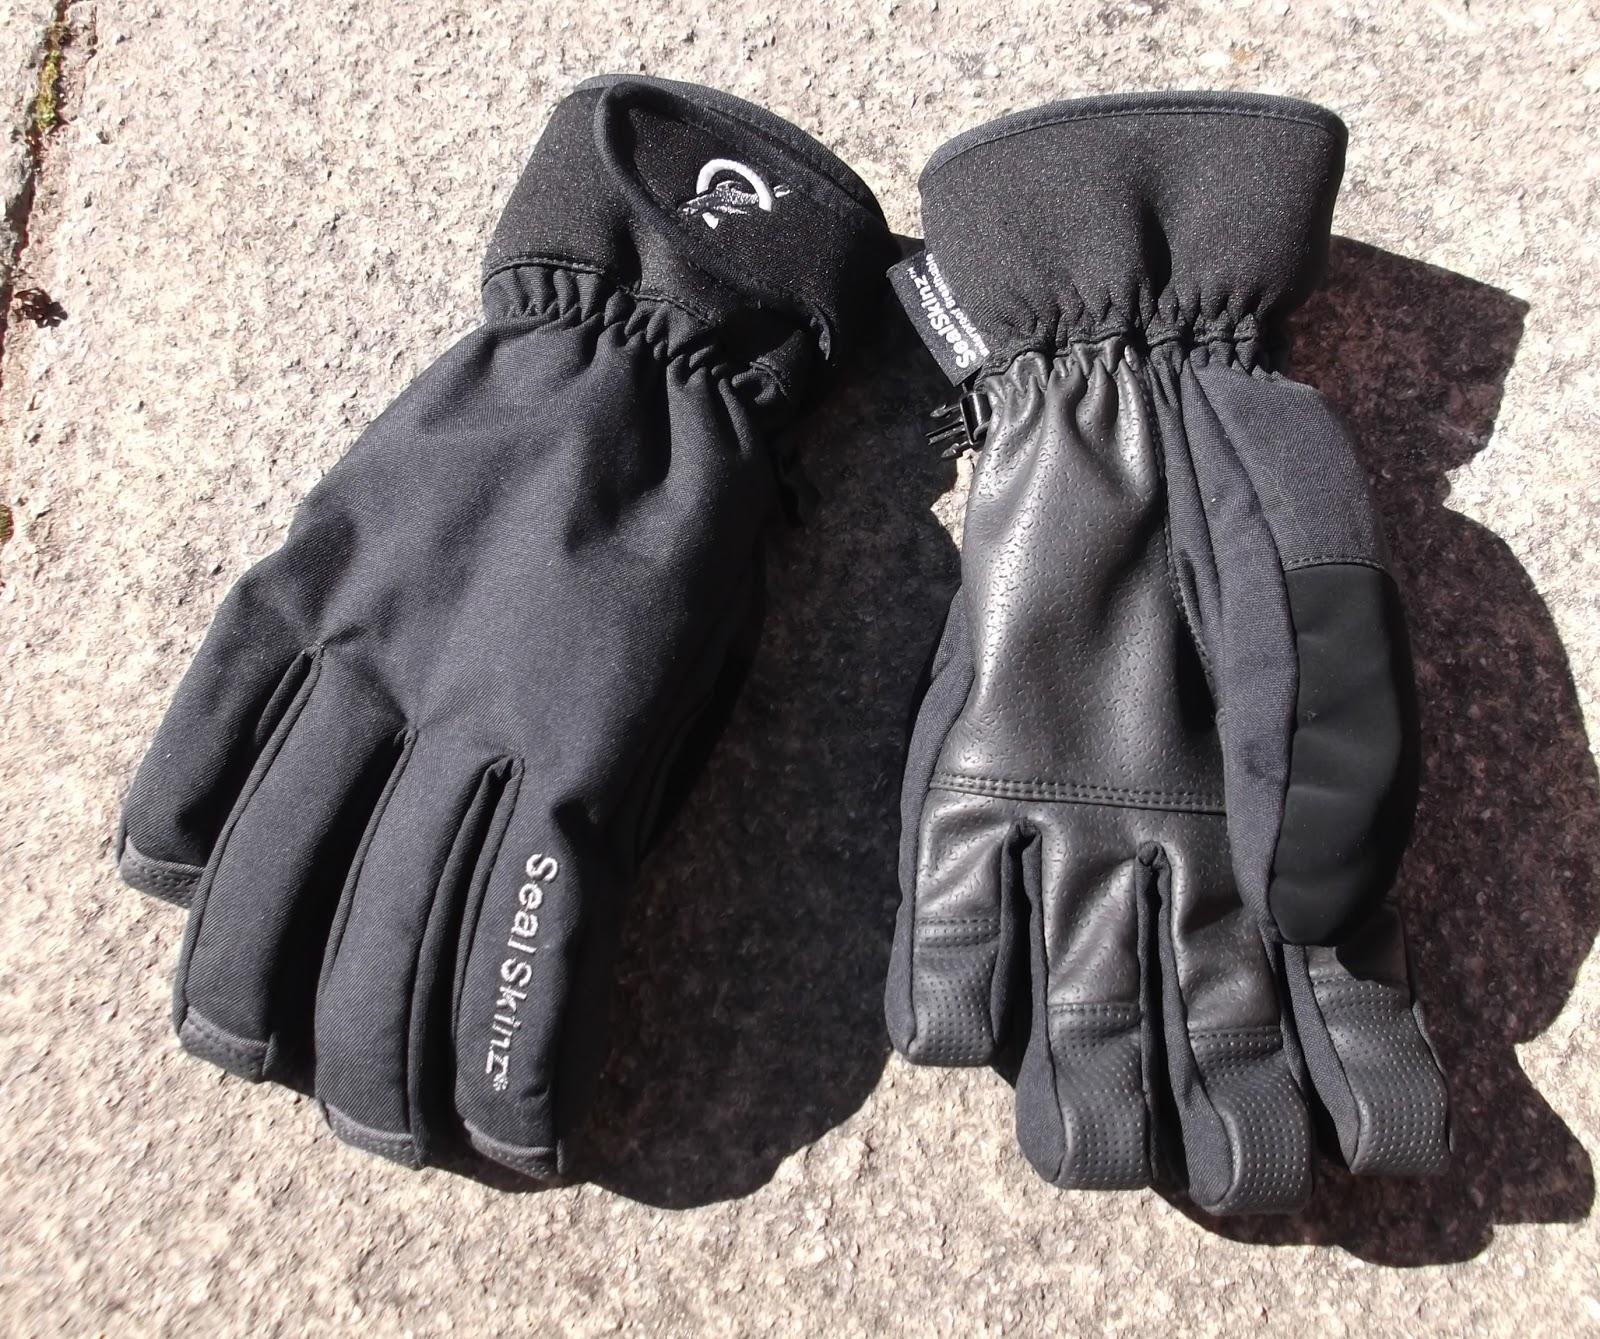 efc0122370c59 Fell finder sealskinz winter gloves review JPG 1600x1339 Sealskinz  waterproof gloves review